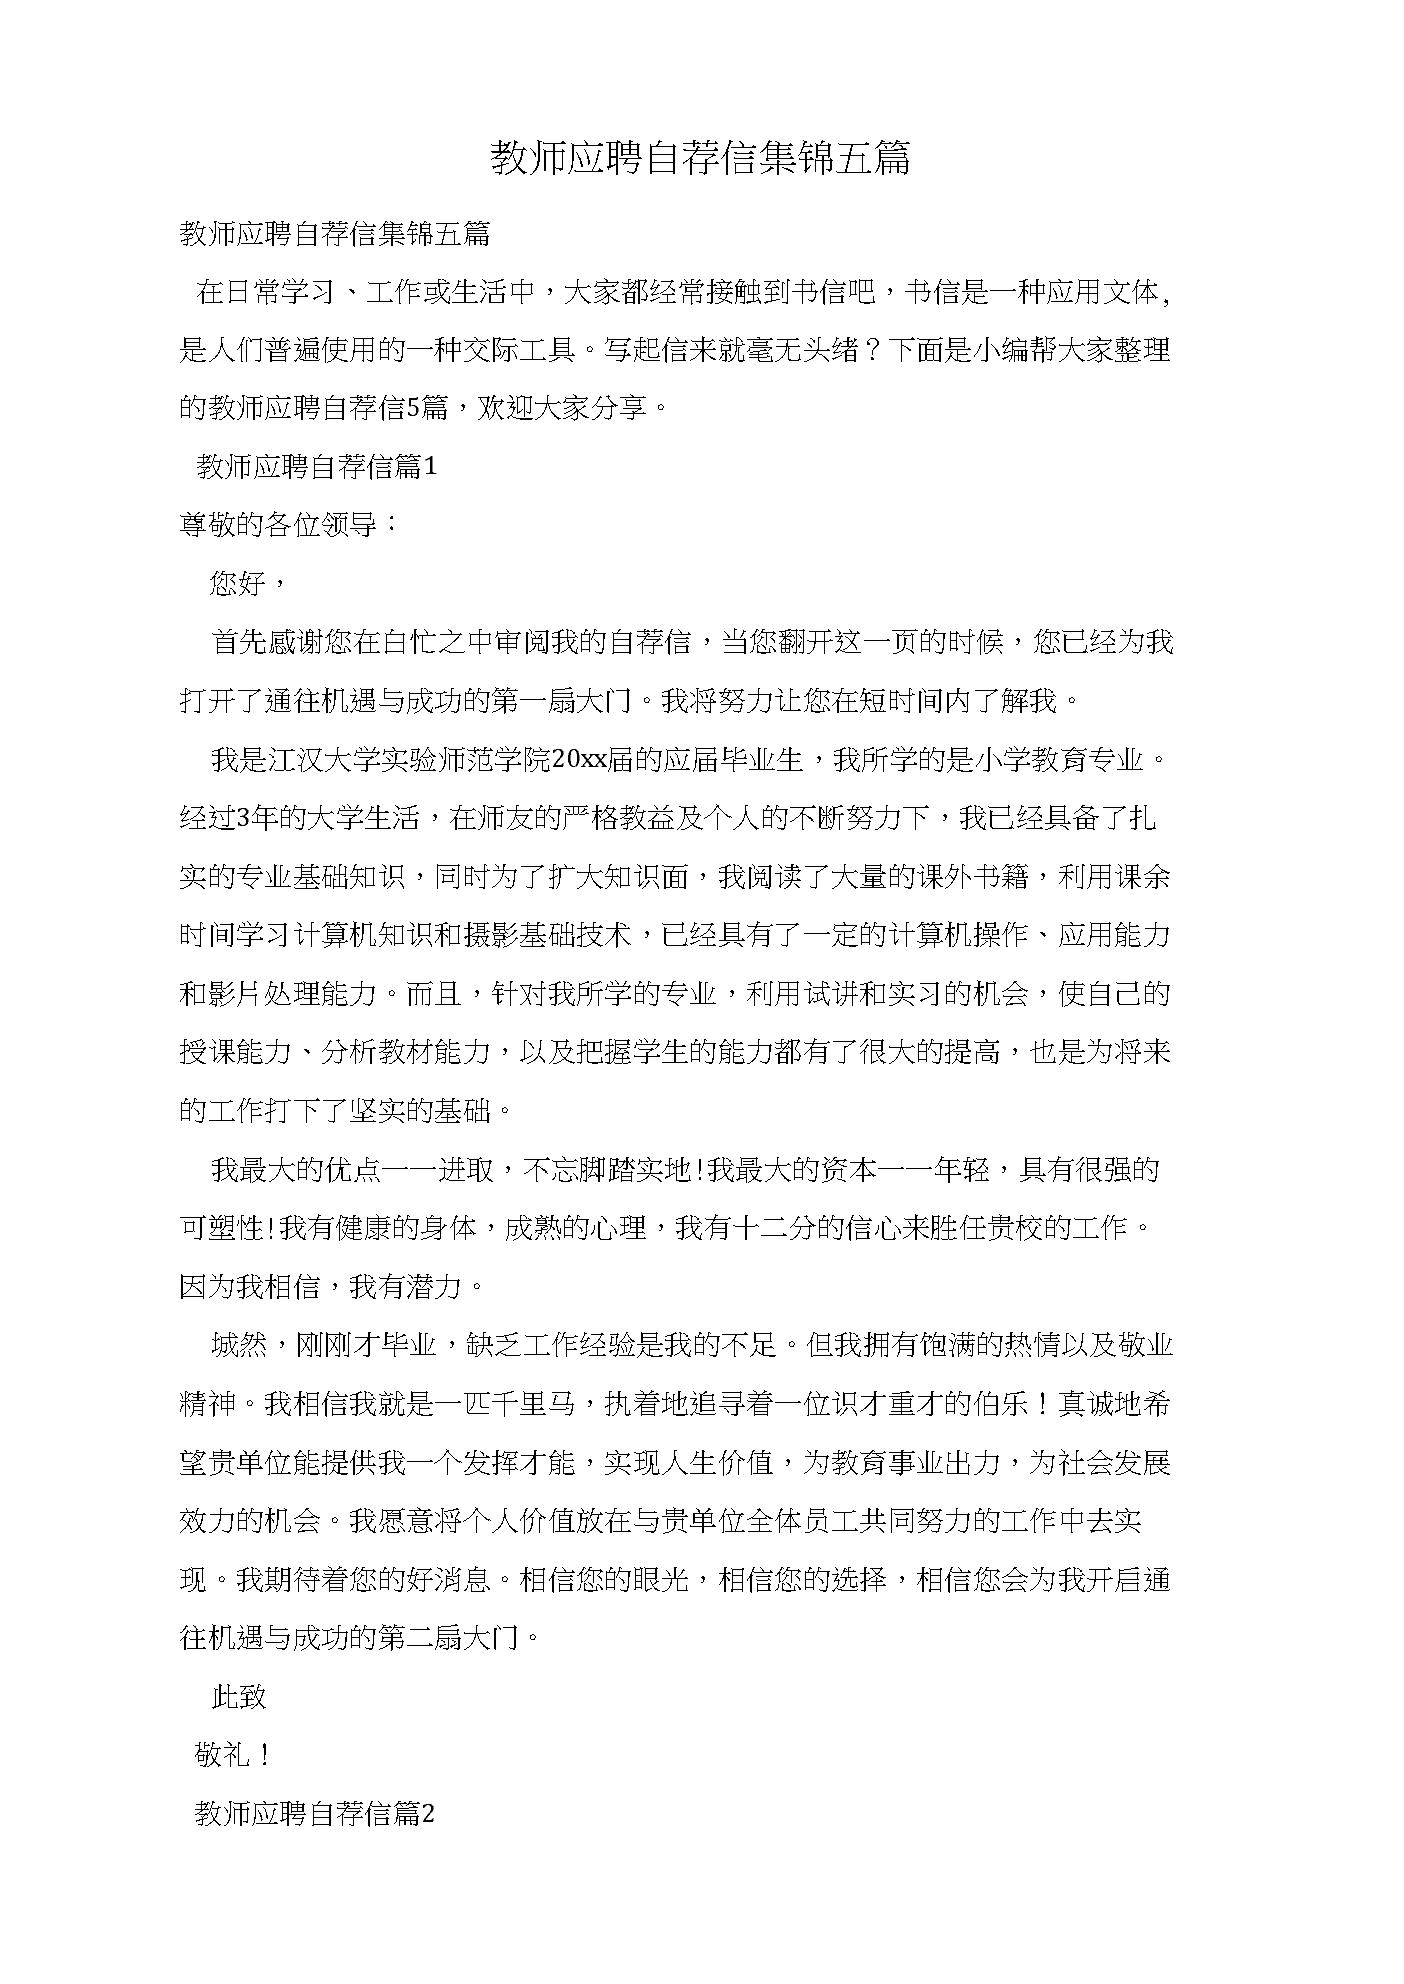 教师应聘自荐信集锦五篇.docx